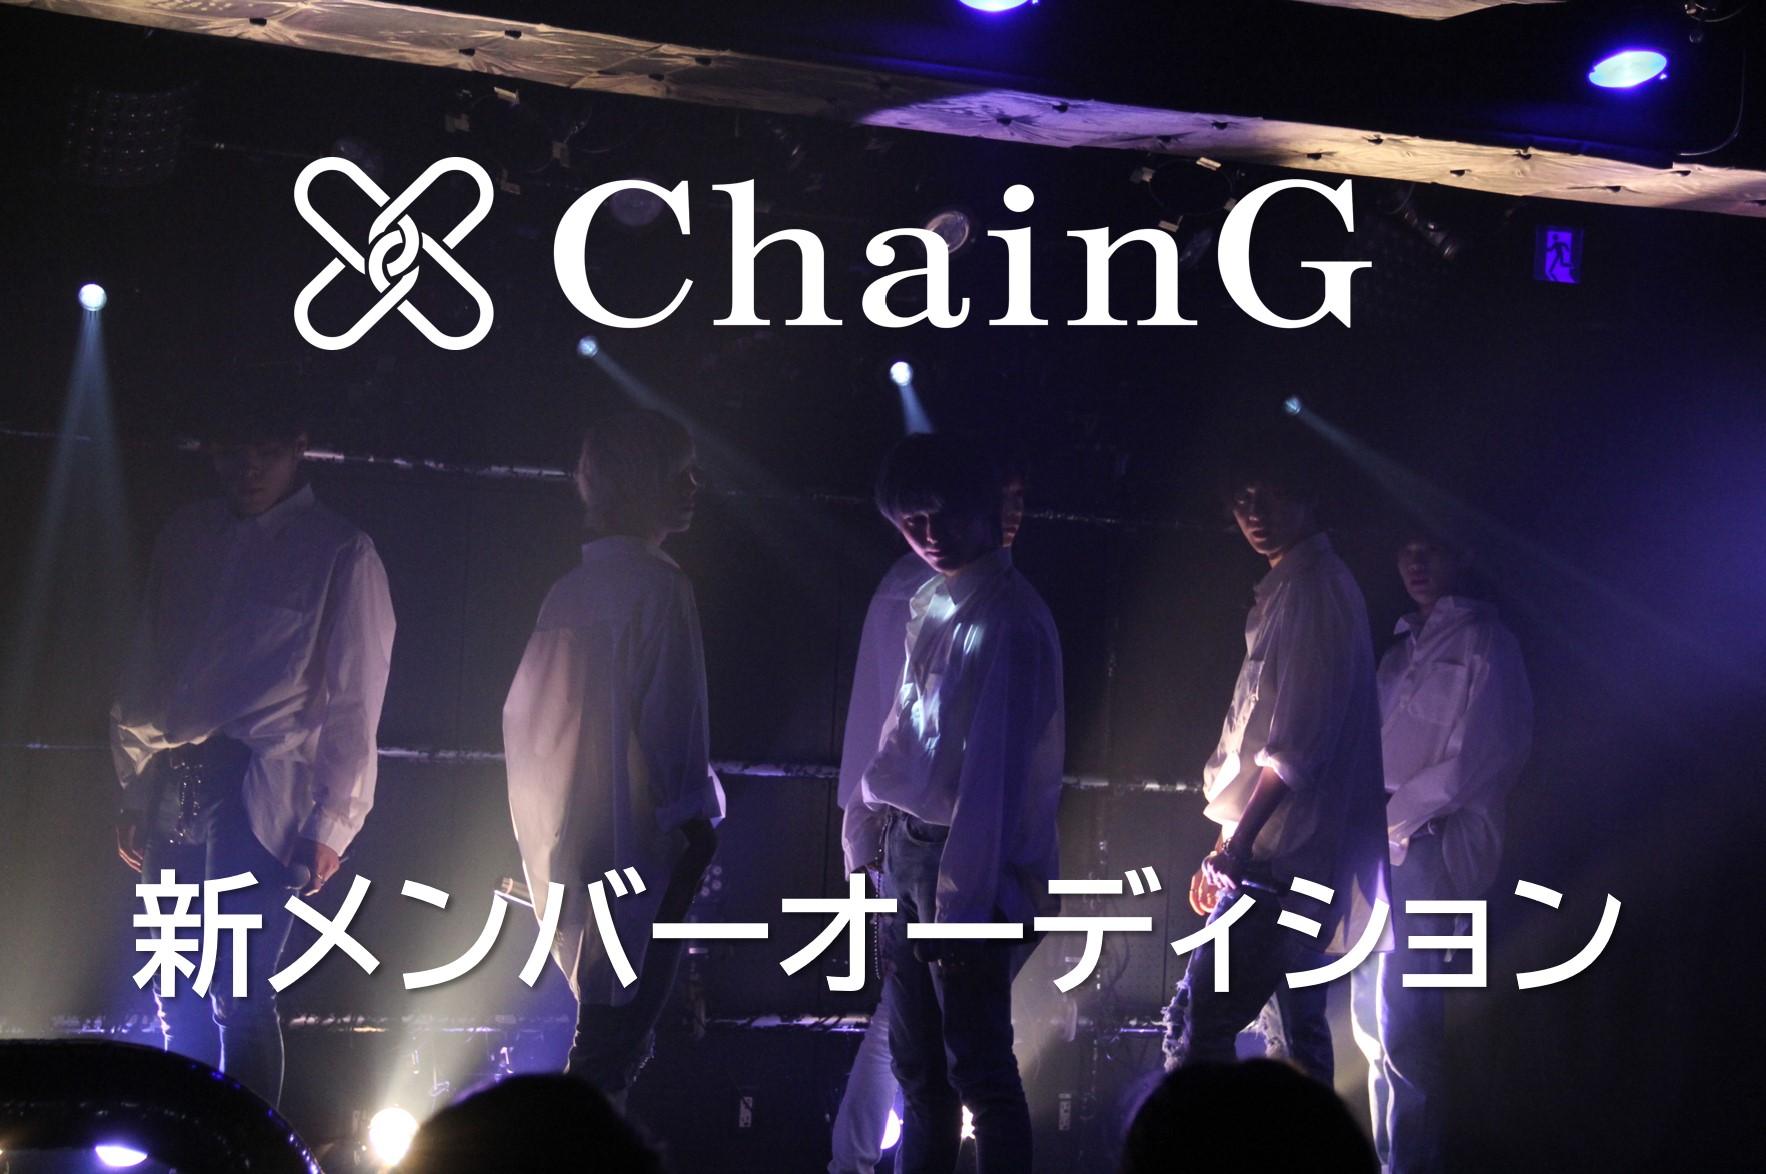 オーディション メンズダンスボーカルユニット「ChainG」新メンバー募集 メジャーデビューを目標にライブ活動などをしていくグループです 主催:有限会社スイングハート 芸能プロダクション事業部、カテゴリ:メンズアイドル